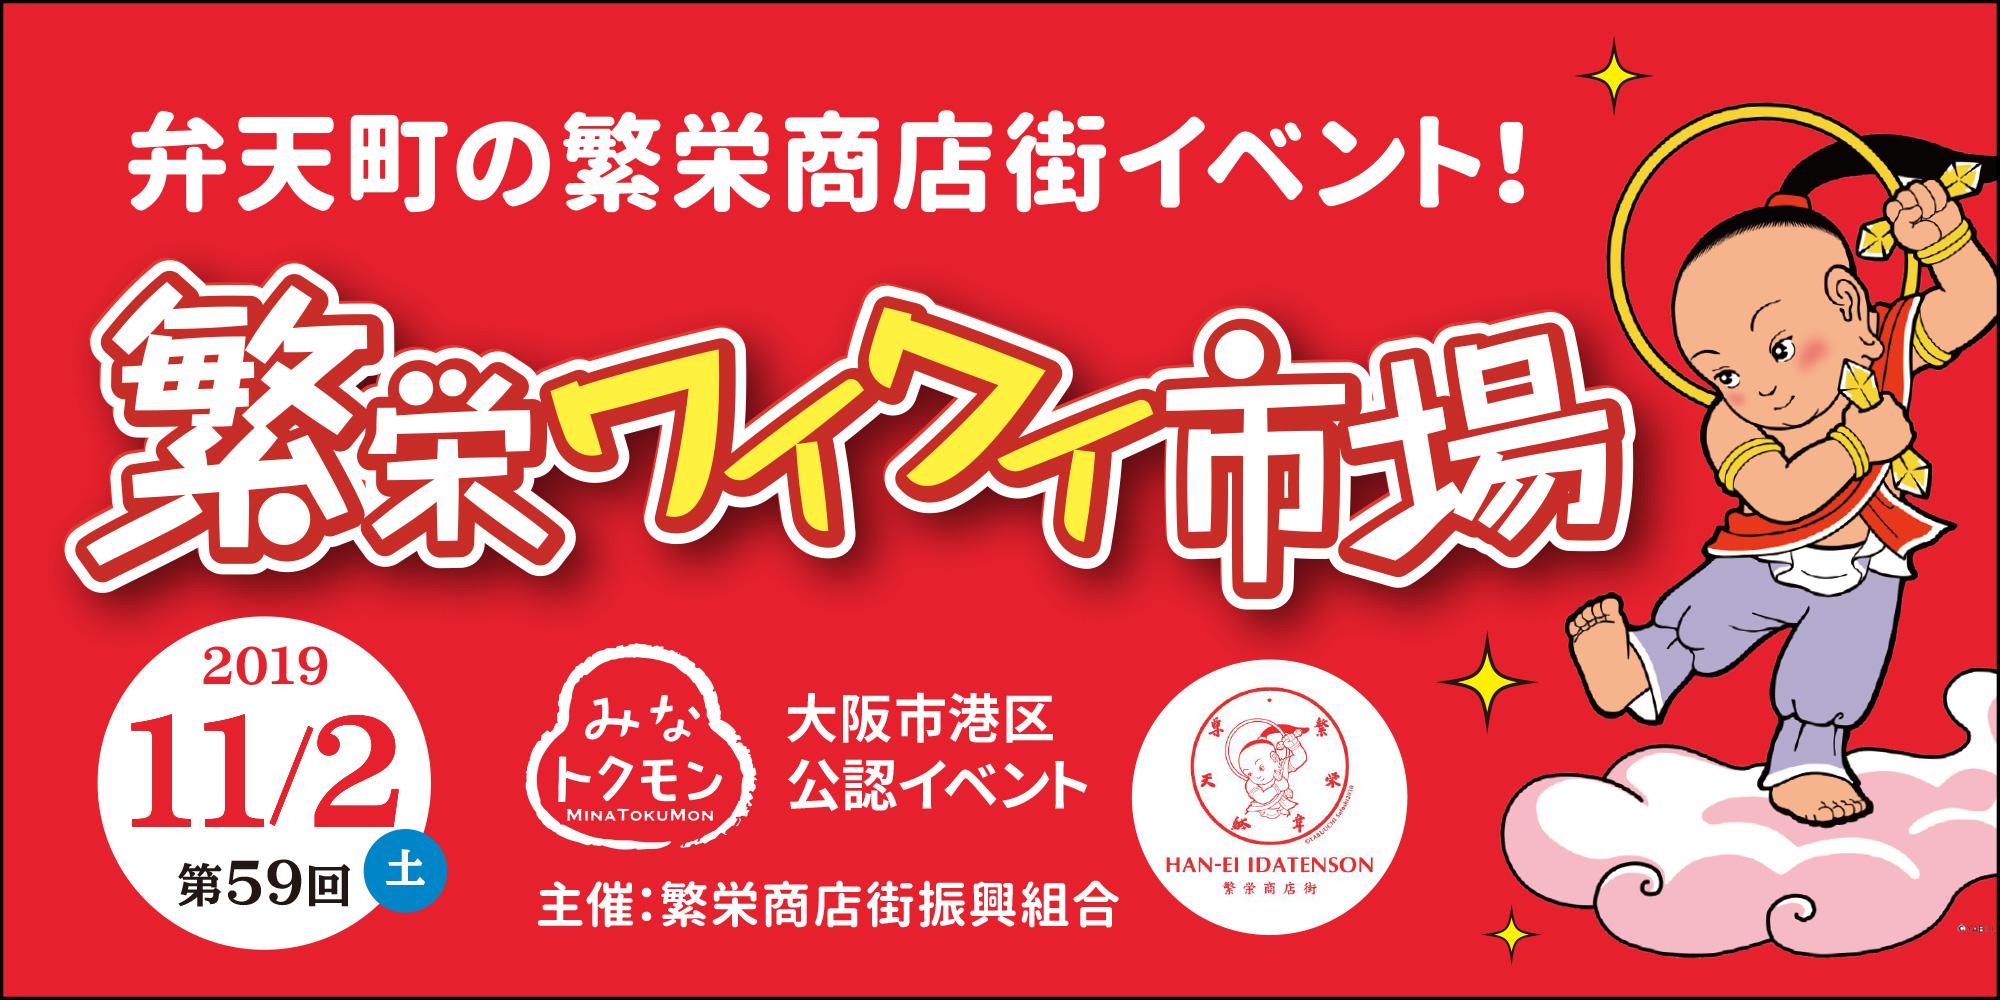 第59回 繁栄ワイワイ市場(大阪市港区・繁栄商店街)